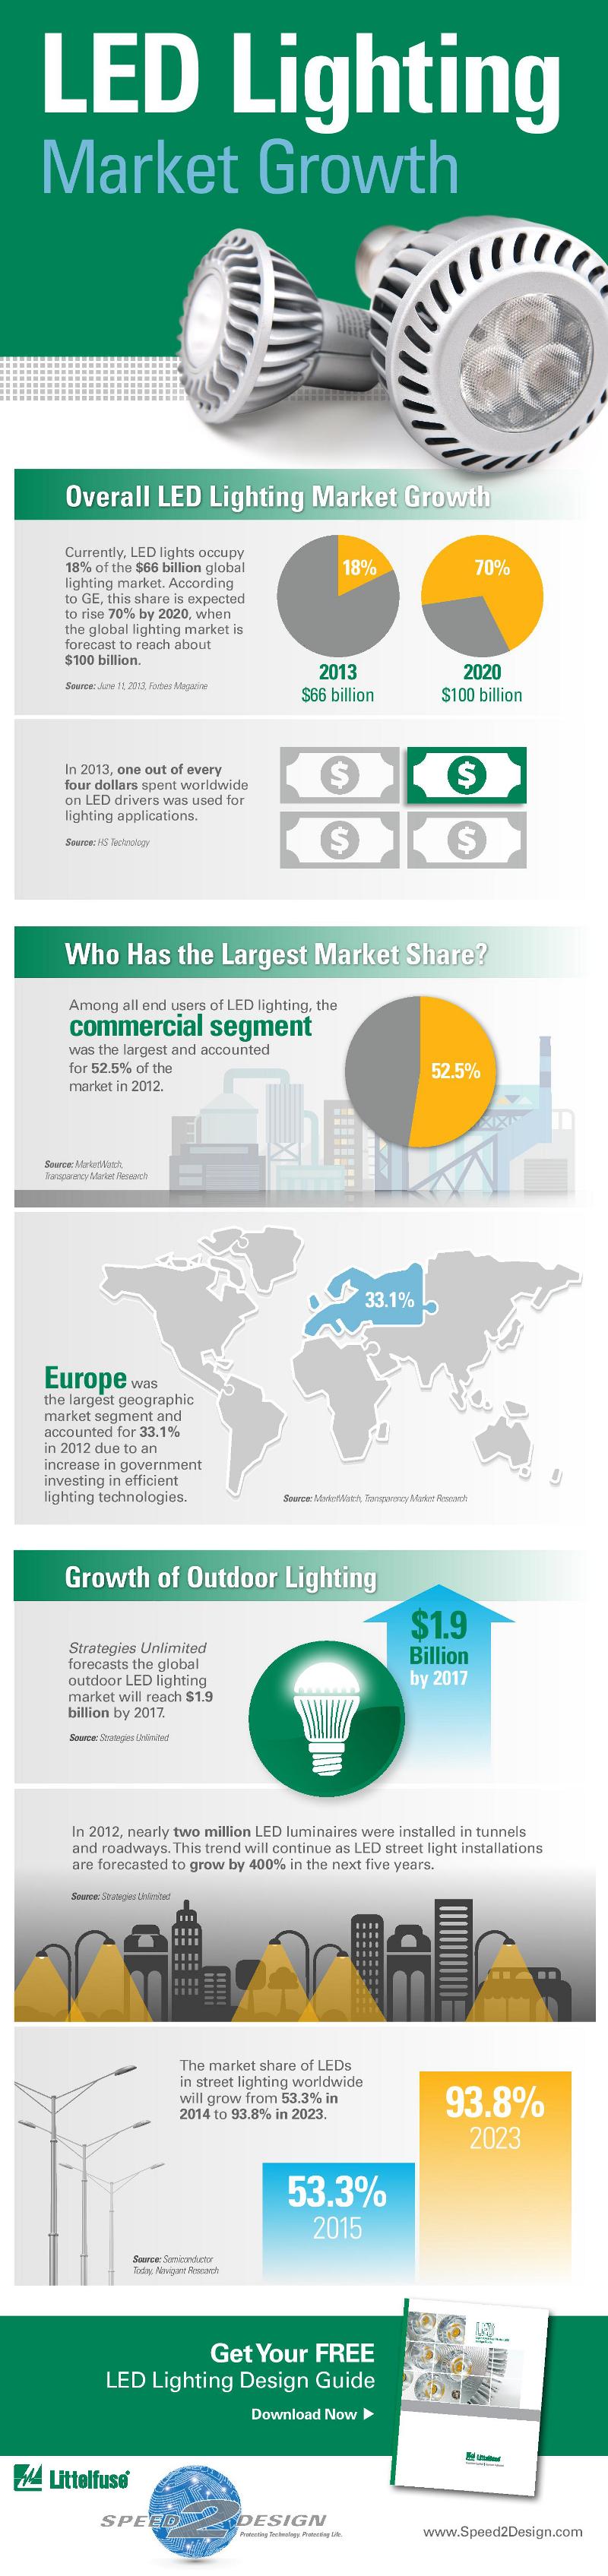 LED Marketing Facts